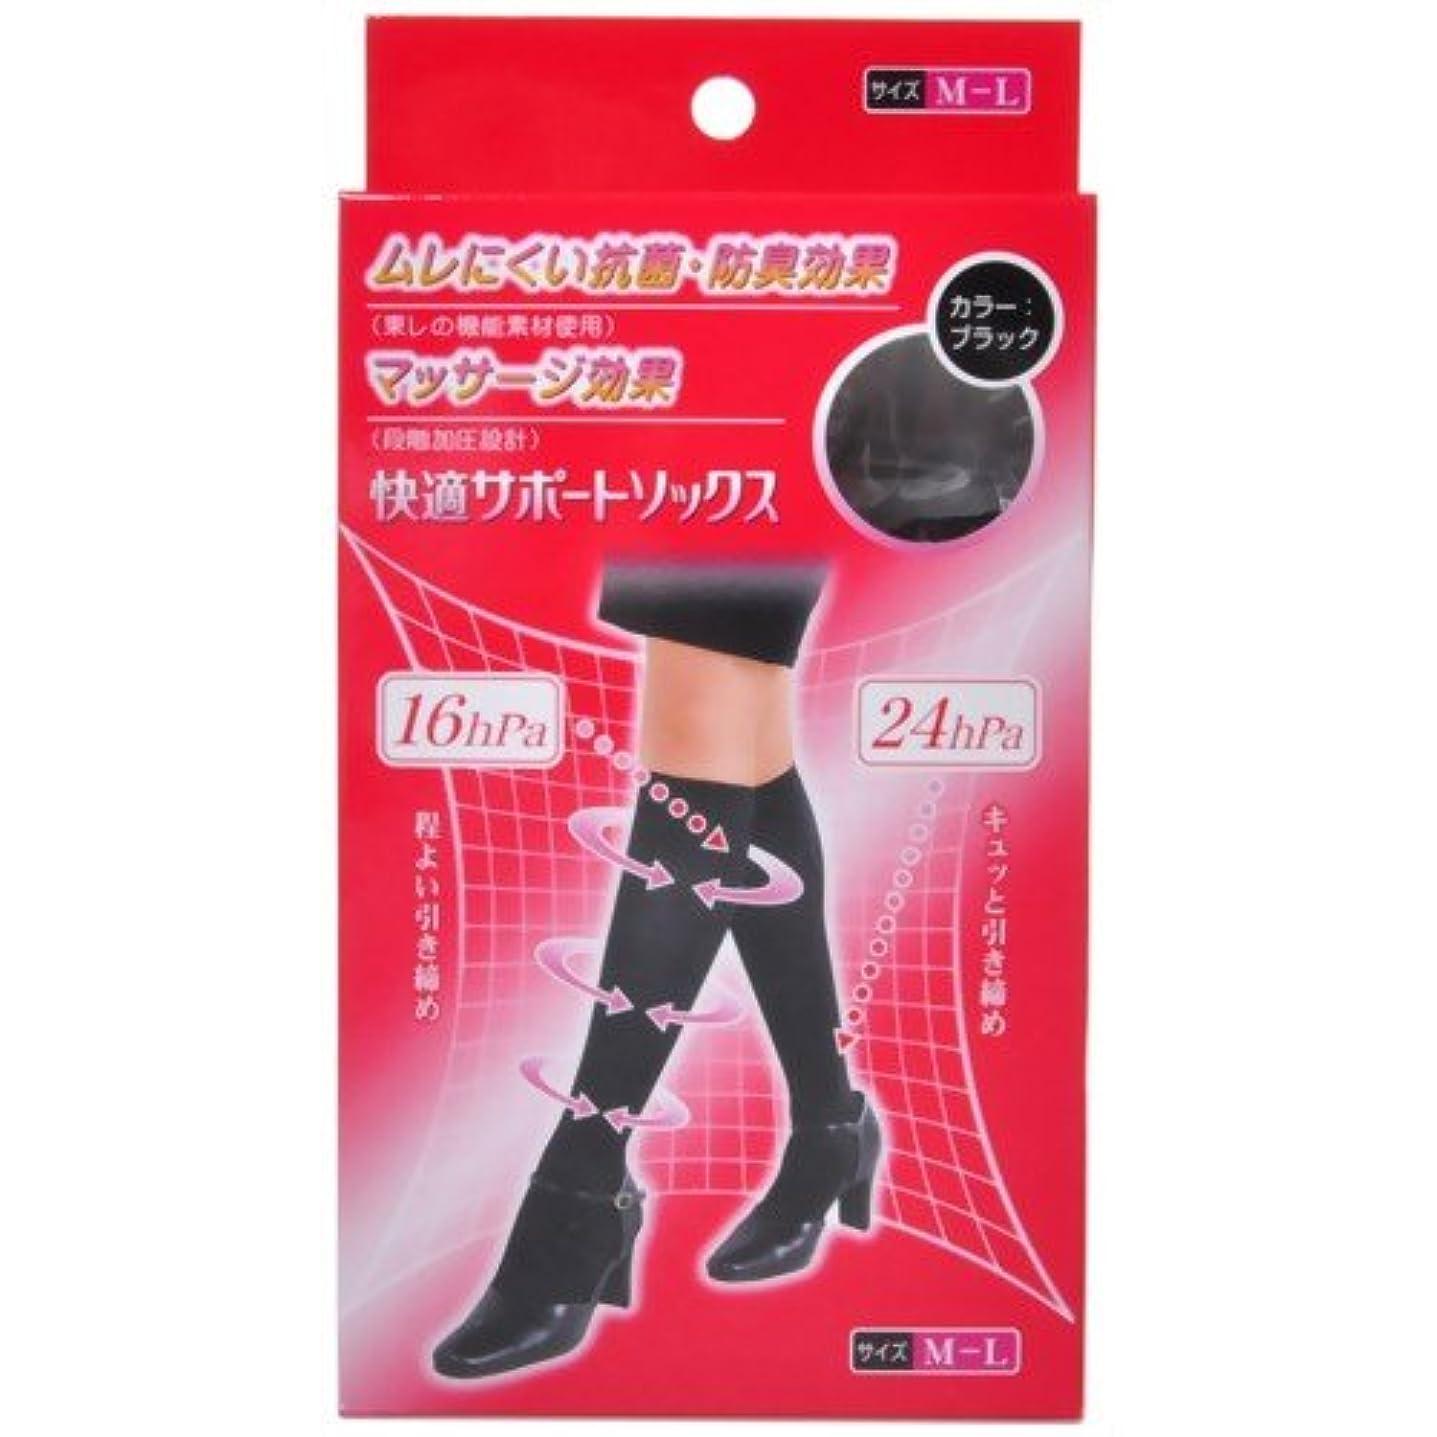 アラスカメダリストセントピバンナー 快適サポートソックス(男女兼用) ブラック M-L